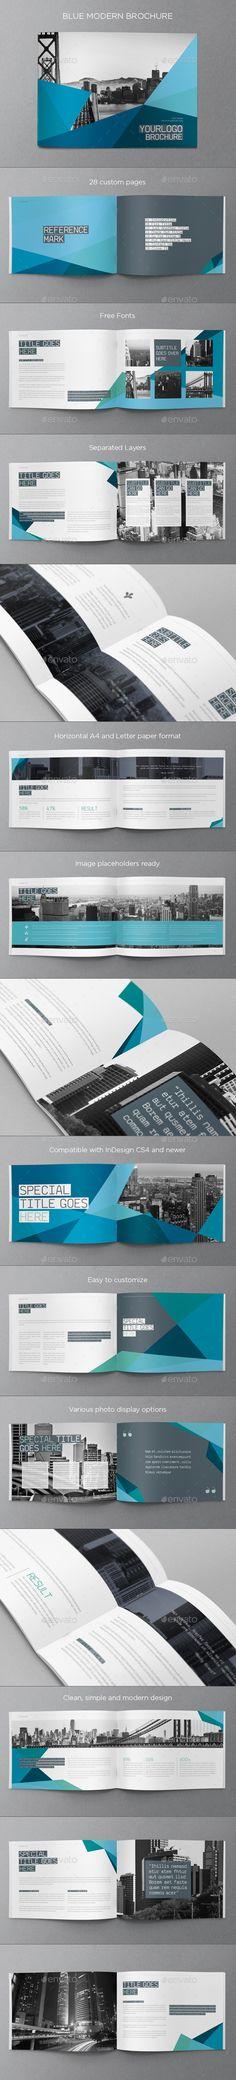 Blue Modern Brochure, Fonts: SaxMono & Source Sans Pro, via graphicriver.net